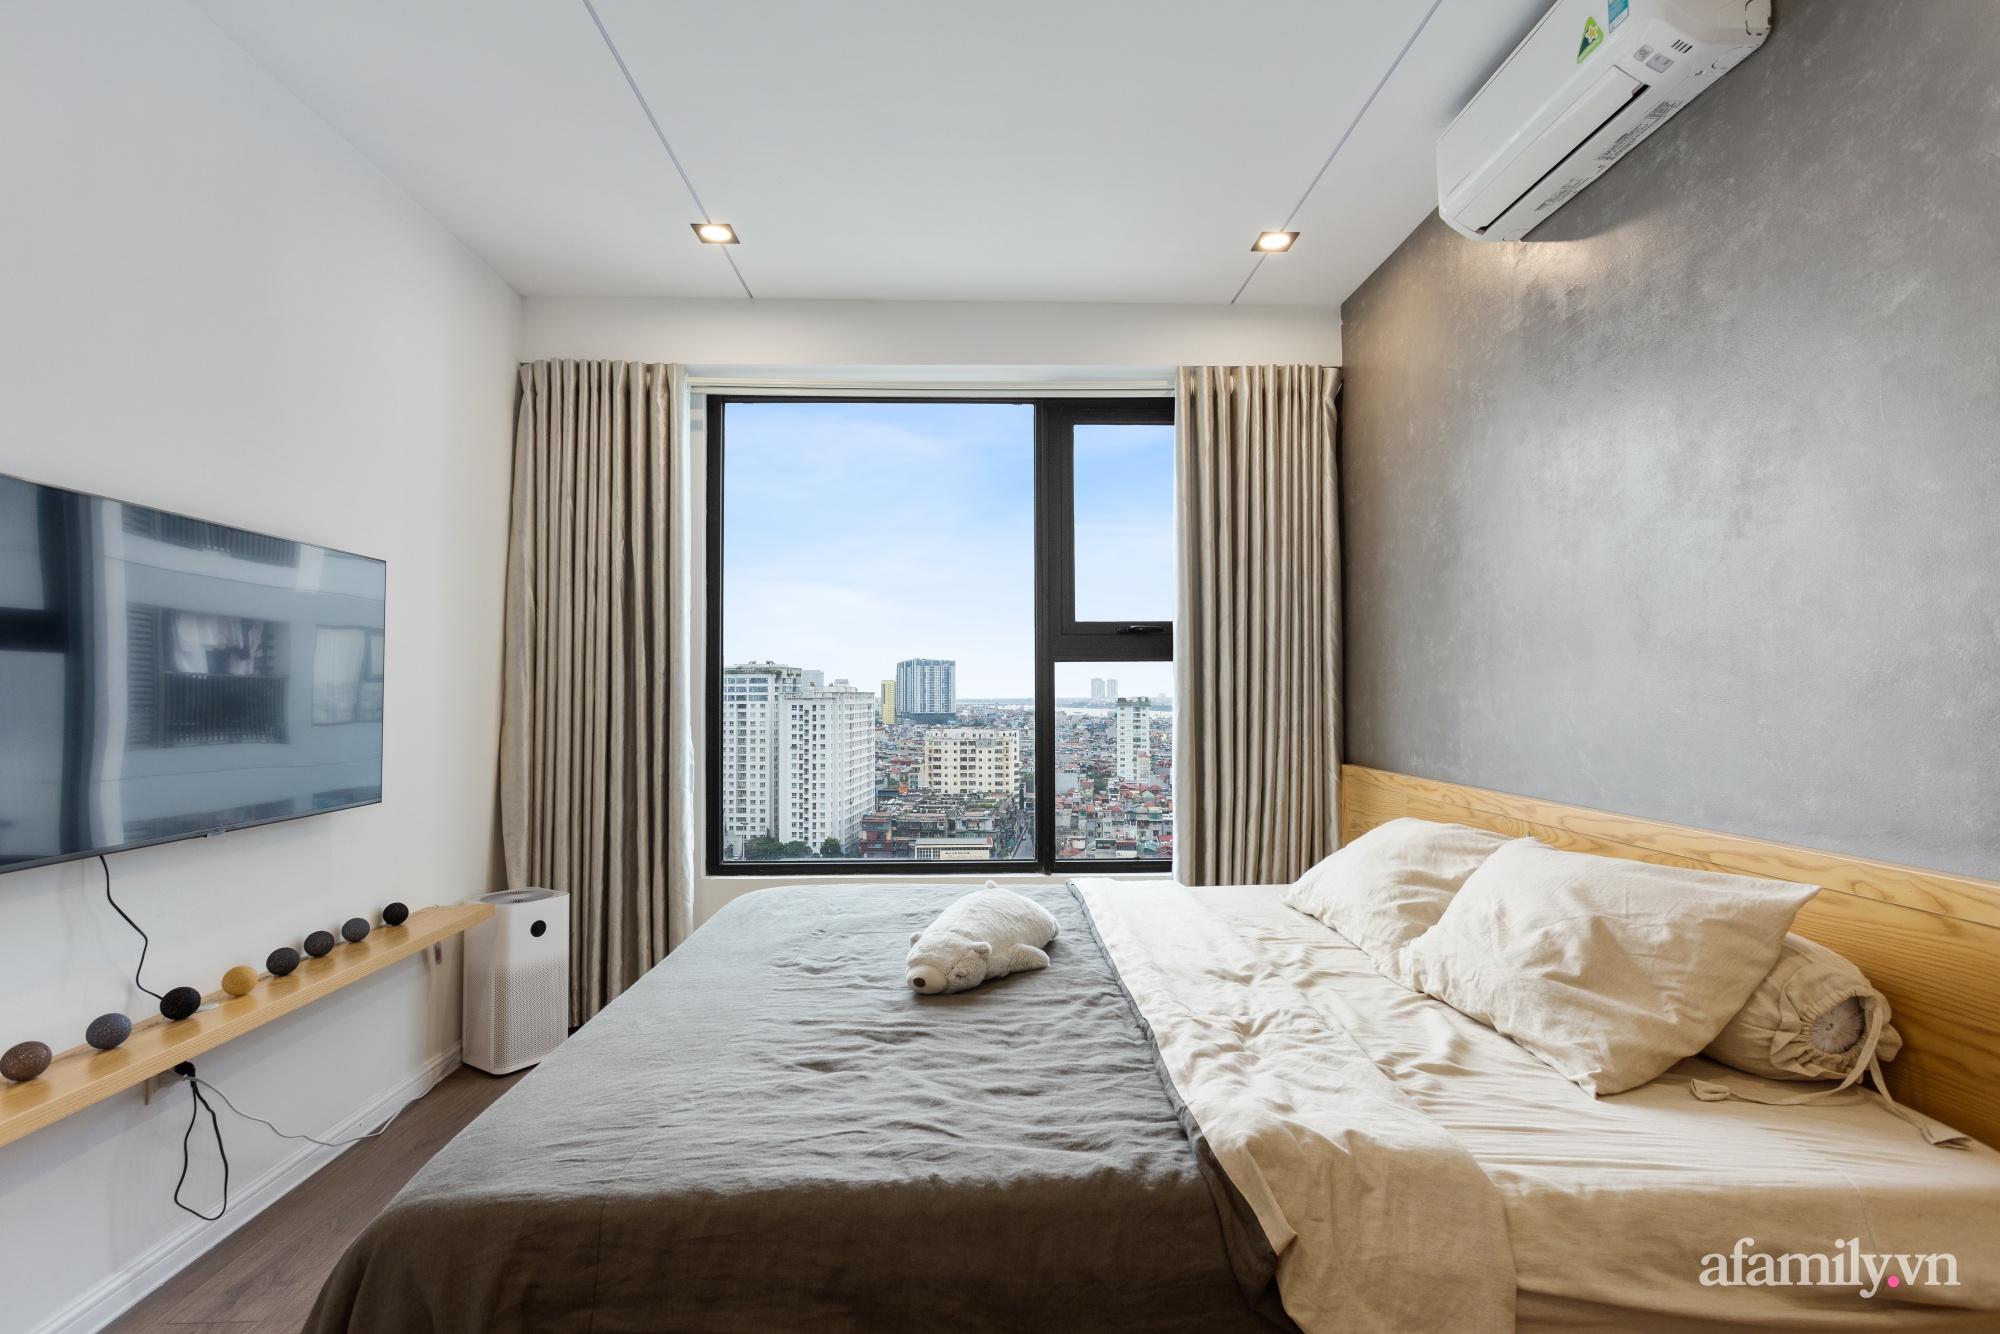 Chi 200 triệu đồng, blogger du lịch Sài Gòn thiết kế căn hộ tối giản rộng 83m² đẹp không góc chết nhờ đặt ra 5 nguyên tắc vàng - Ảnh 19.